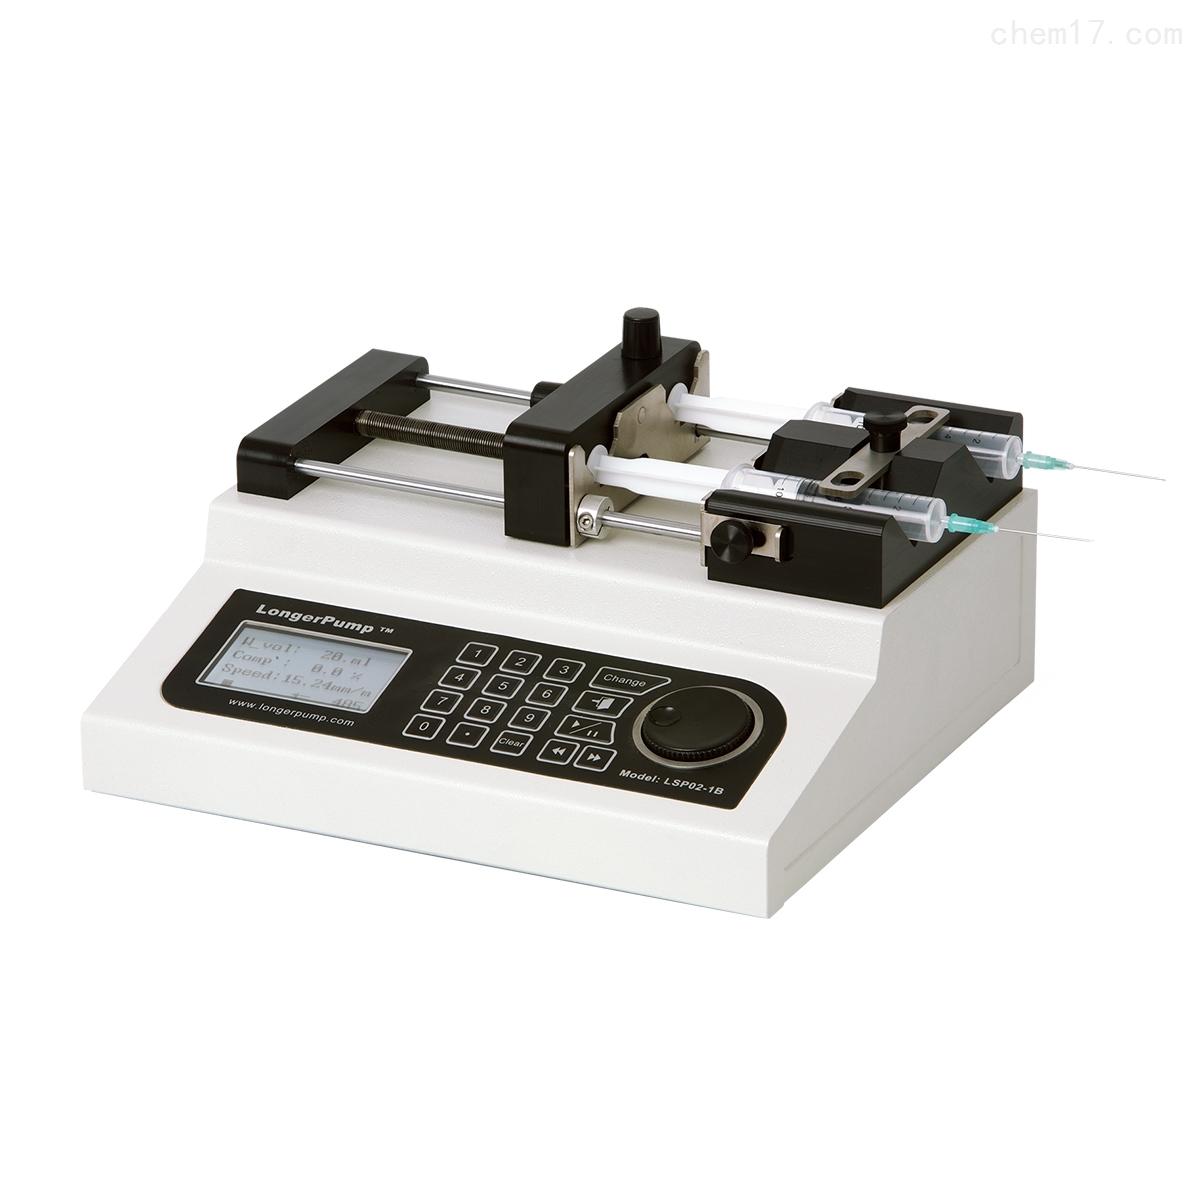 兰格实验室双通道恒速注射泵